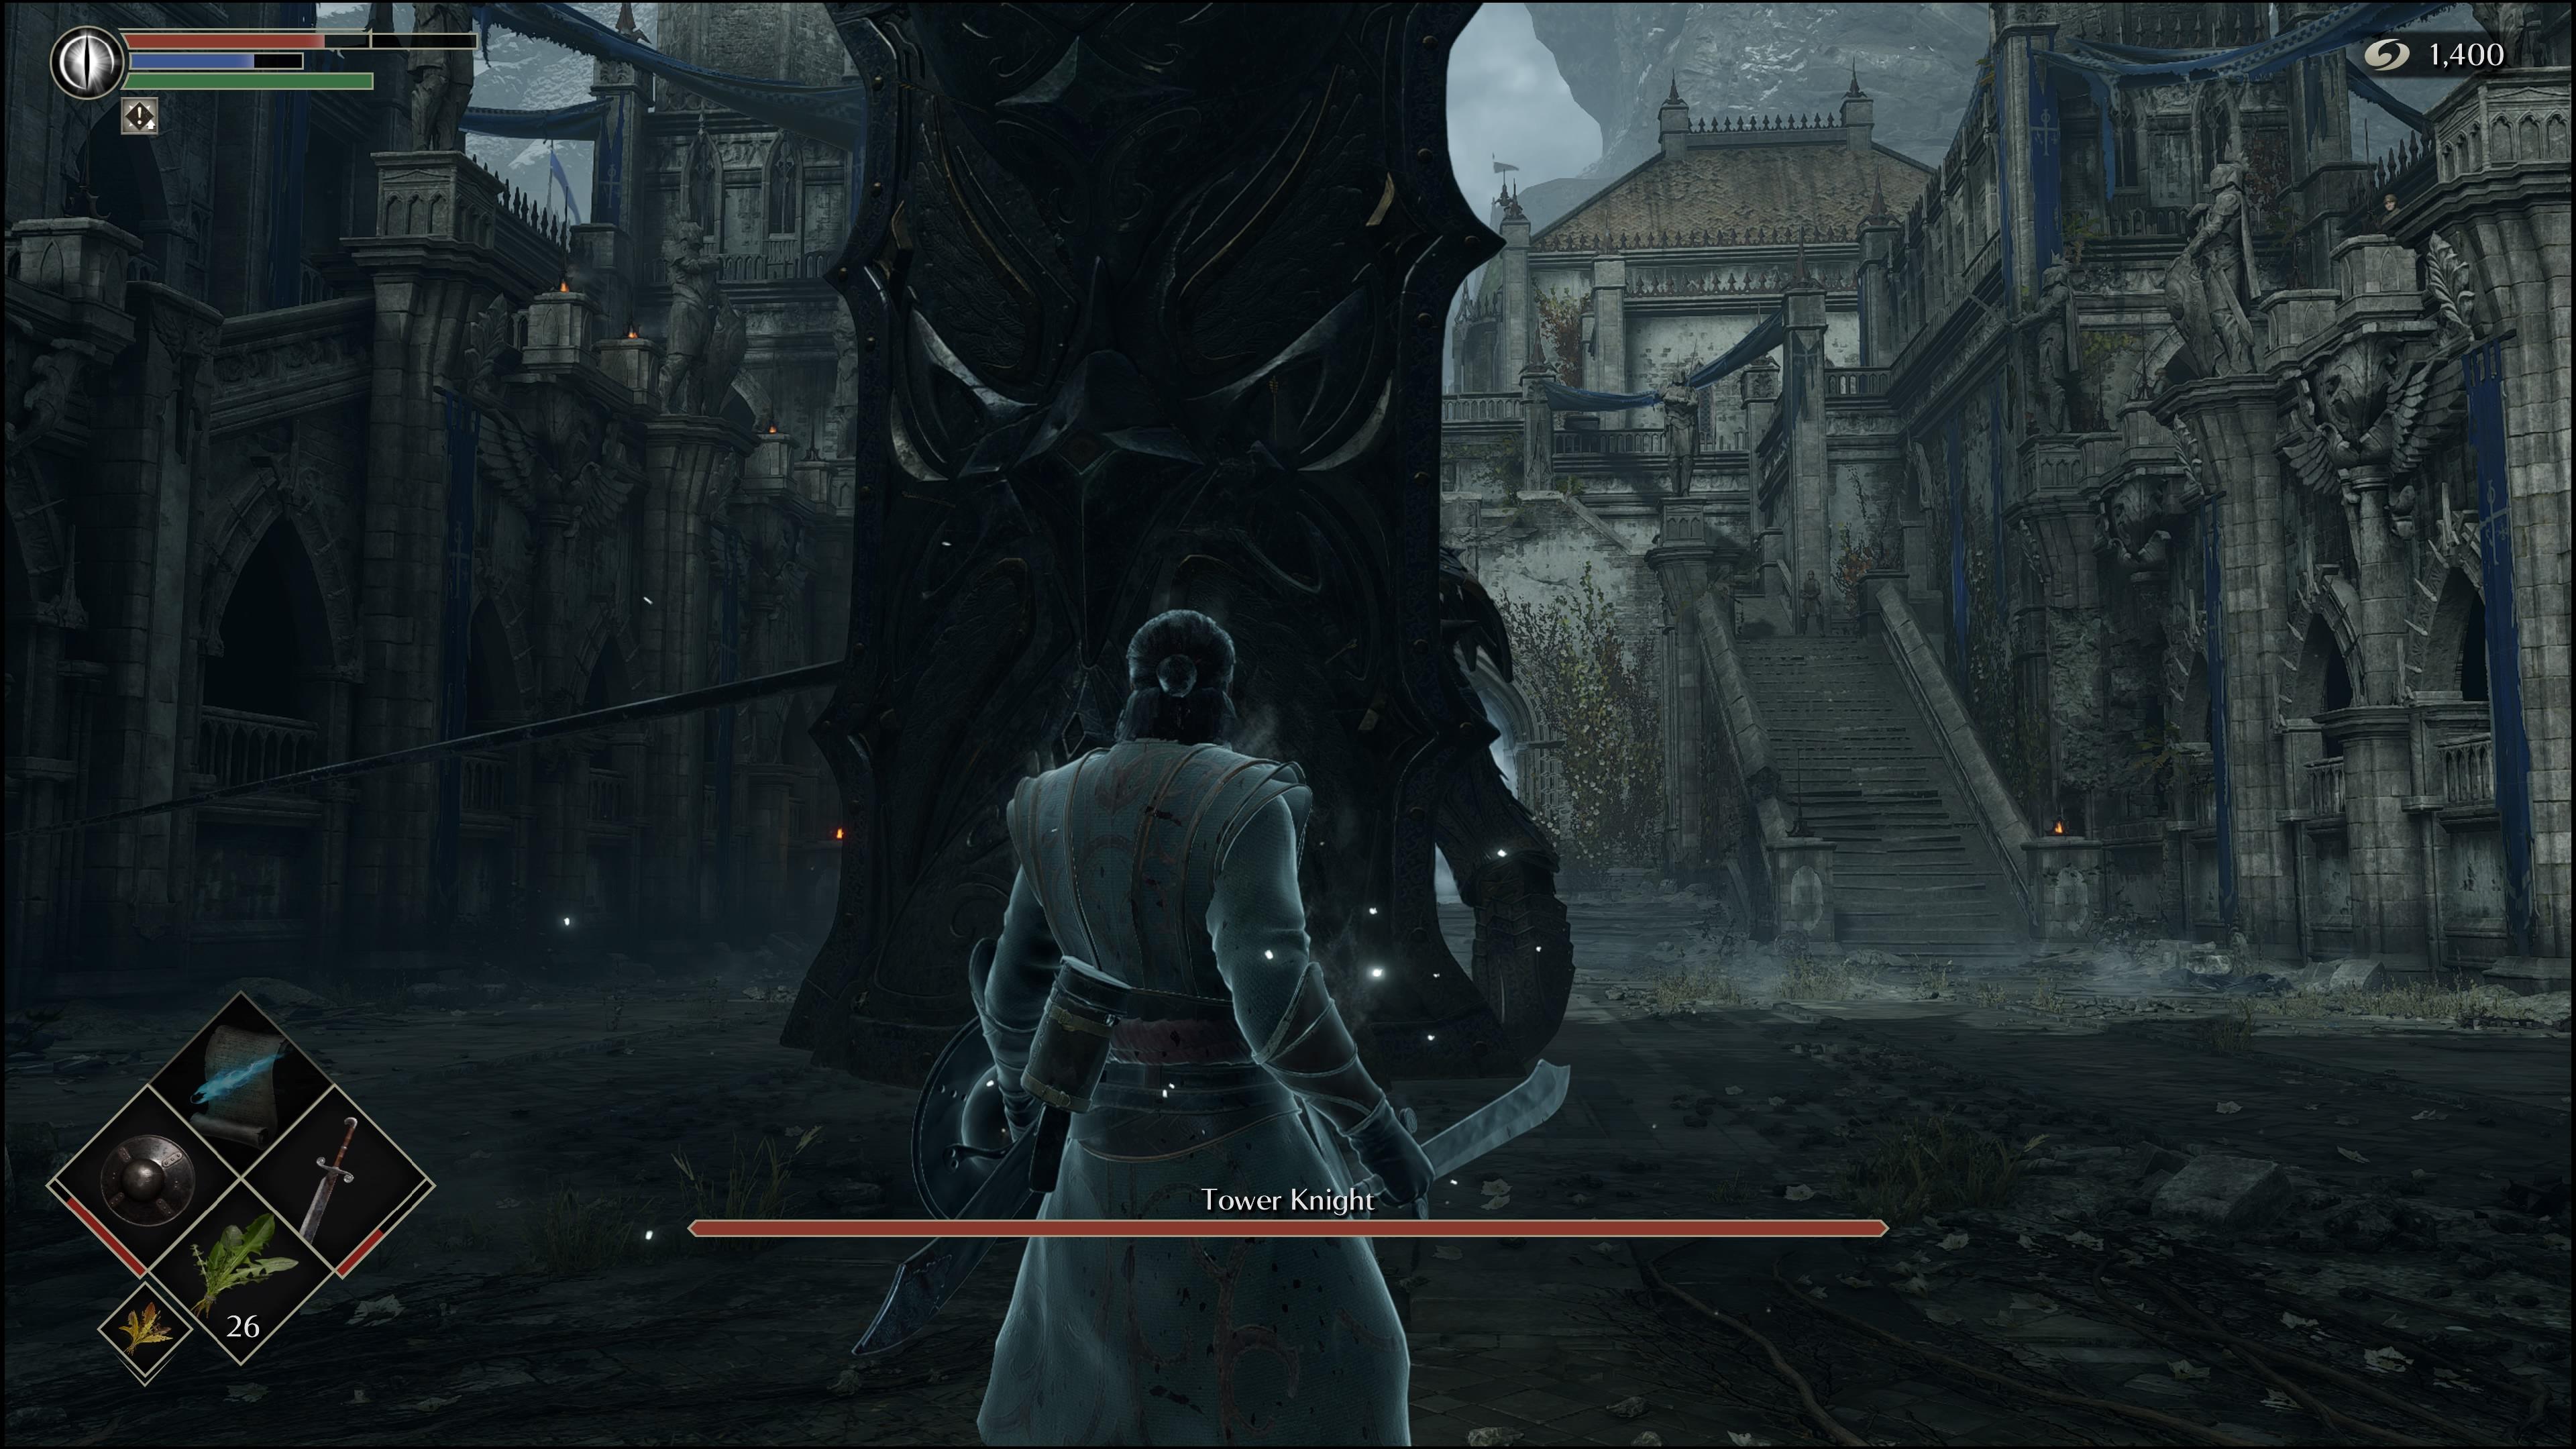 Väčšina bossov hráča prevyšuje nielen z hľadiska sily, ale aj fyzického vzrastu.